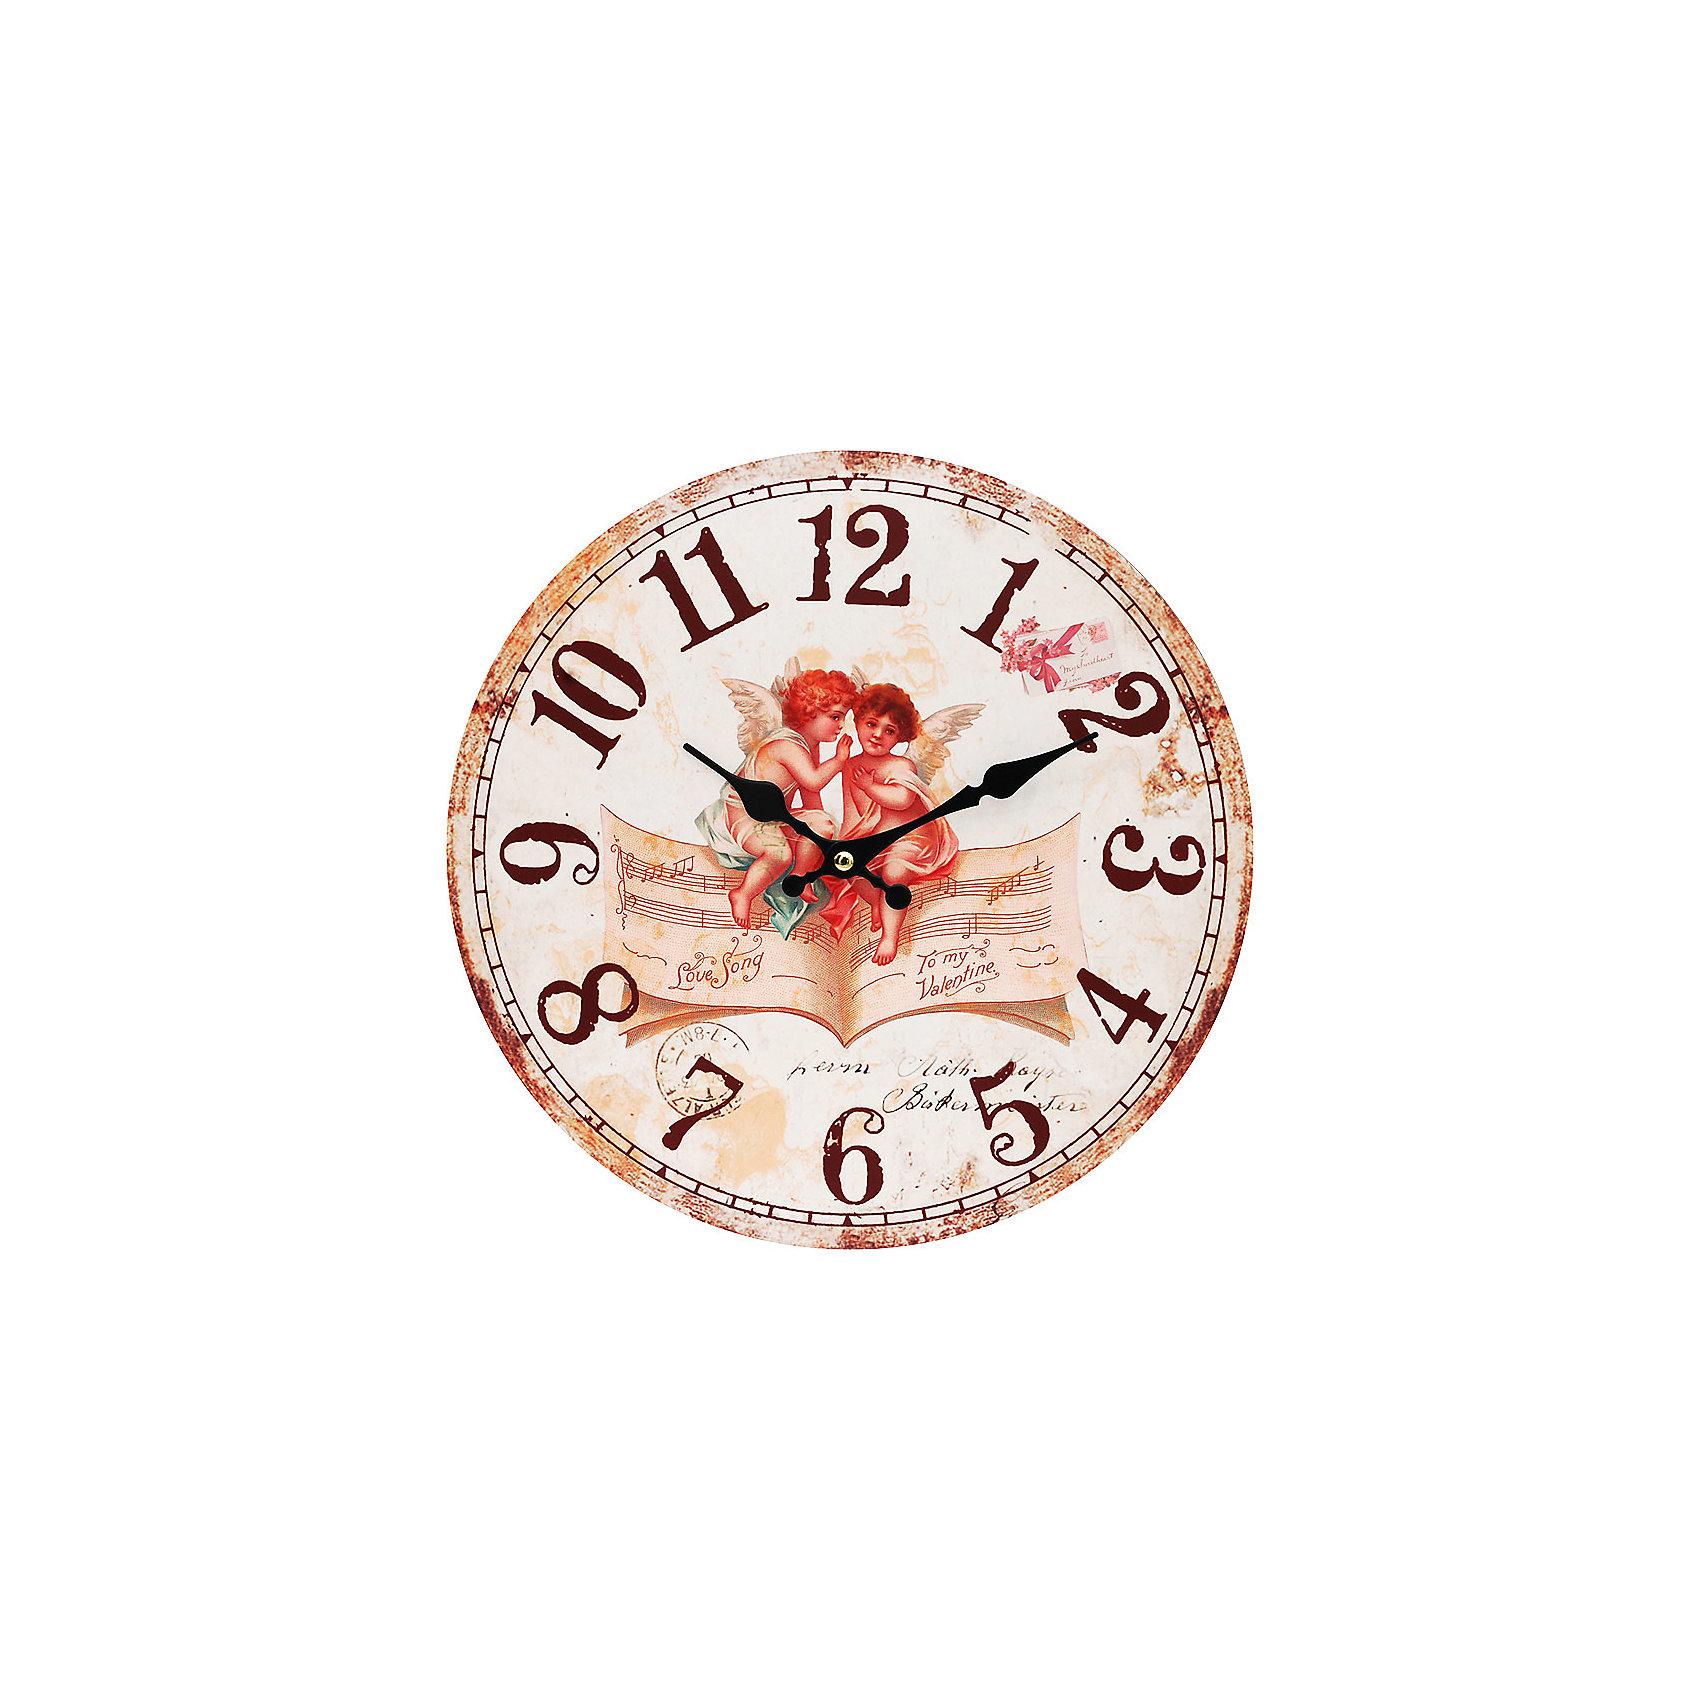 Часы настенные Музыка ангелов, диаметр 34 смПредметы интерьера<br>Часы настенные Музыка ангелов, диаметр 34 см.<br><br>Характеристики:<br><br>- Диаметр: 34 см.<br>- Две стрелки часовая и минутная<br>- Батарейка: 1 типа АА (в комплект не входит)<br>- Основные цвета: бежевый, бледно-розовый, кремовый<br>- Упаковка картонная коробка<br><br>Кварцевые настенные часы с механизмом плавного хода помимо своего прямого назначения – показывать точное время – станут важным элементом декора Вашего дома, квартиры или офиса. Открытый циферблат часов выполнен из листа оргалита с декоративным покрытием, оформлен изображением милых ангелочков, сидящих на нотной тетради. Часовая и минутная стрелки металлические. Часовой механизм закрыт пластиковым корпусом. Часы будут ярким акцентом в интерьере и создадут дополнительный уют и хорошее настроение.<br><br>Часы настенные Музыка ангелов, диаметр 34 см можно купить в нашем интернет-магазине.<br><br>Ширина мм: 345<br>Глубина мм: 340<br>Высота мм: 45<br>Вес г: 2500<br>Возраст от месяцев: 72<br>Возраст до месяцев: 144<br>Пол: Унисекс<br>Возраст: Детский<br>SKU: 5089834